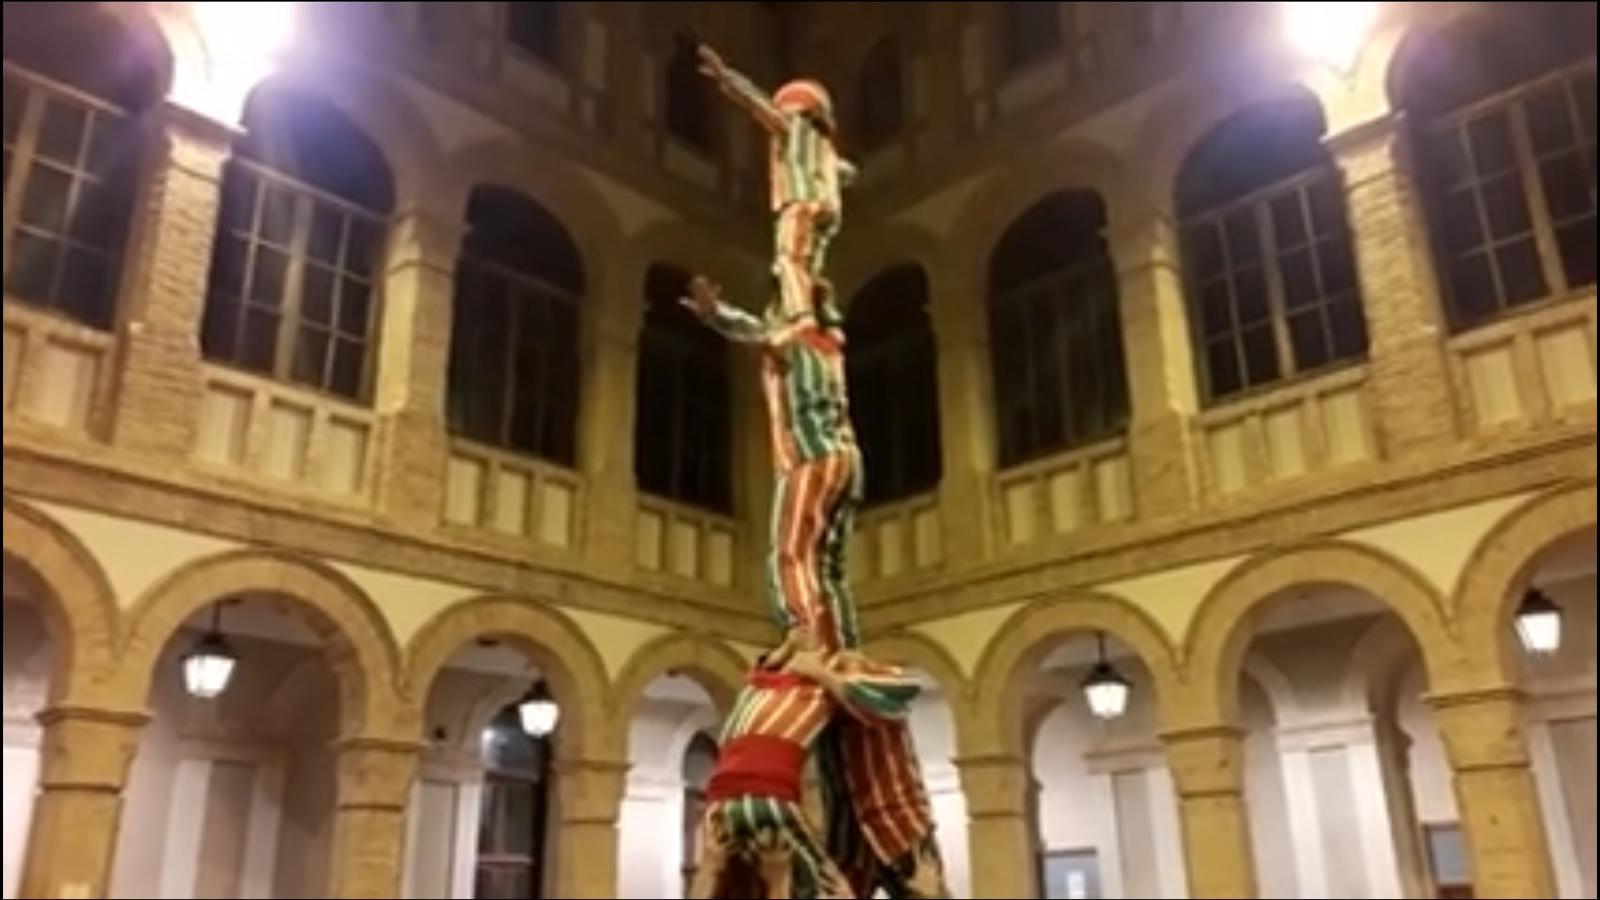 """Inaugurem a Alzira  l'exposició de l'artista Toni Espinar amb un """"Camí de Gegantets"""" , un """"Guió Caminat"""" i una """"Desplegada"""" col·lectiva  al pati de la Casa de la Cultura"""